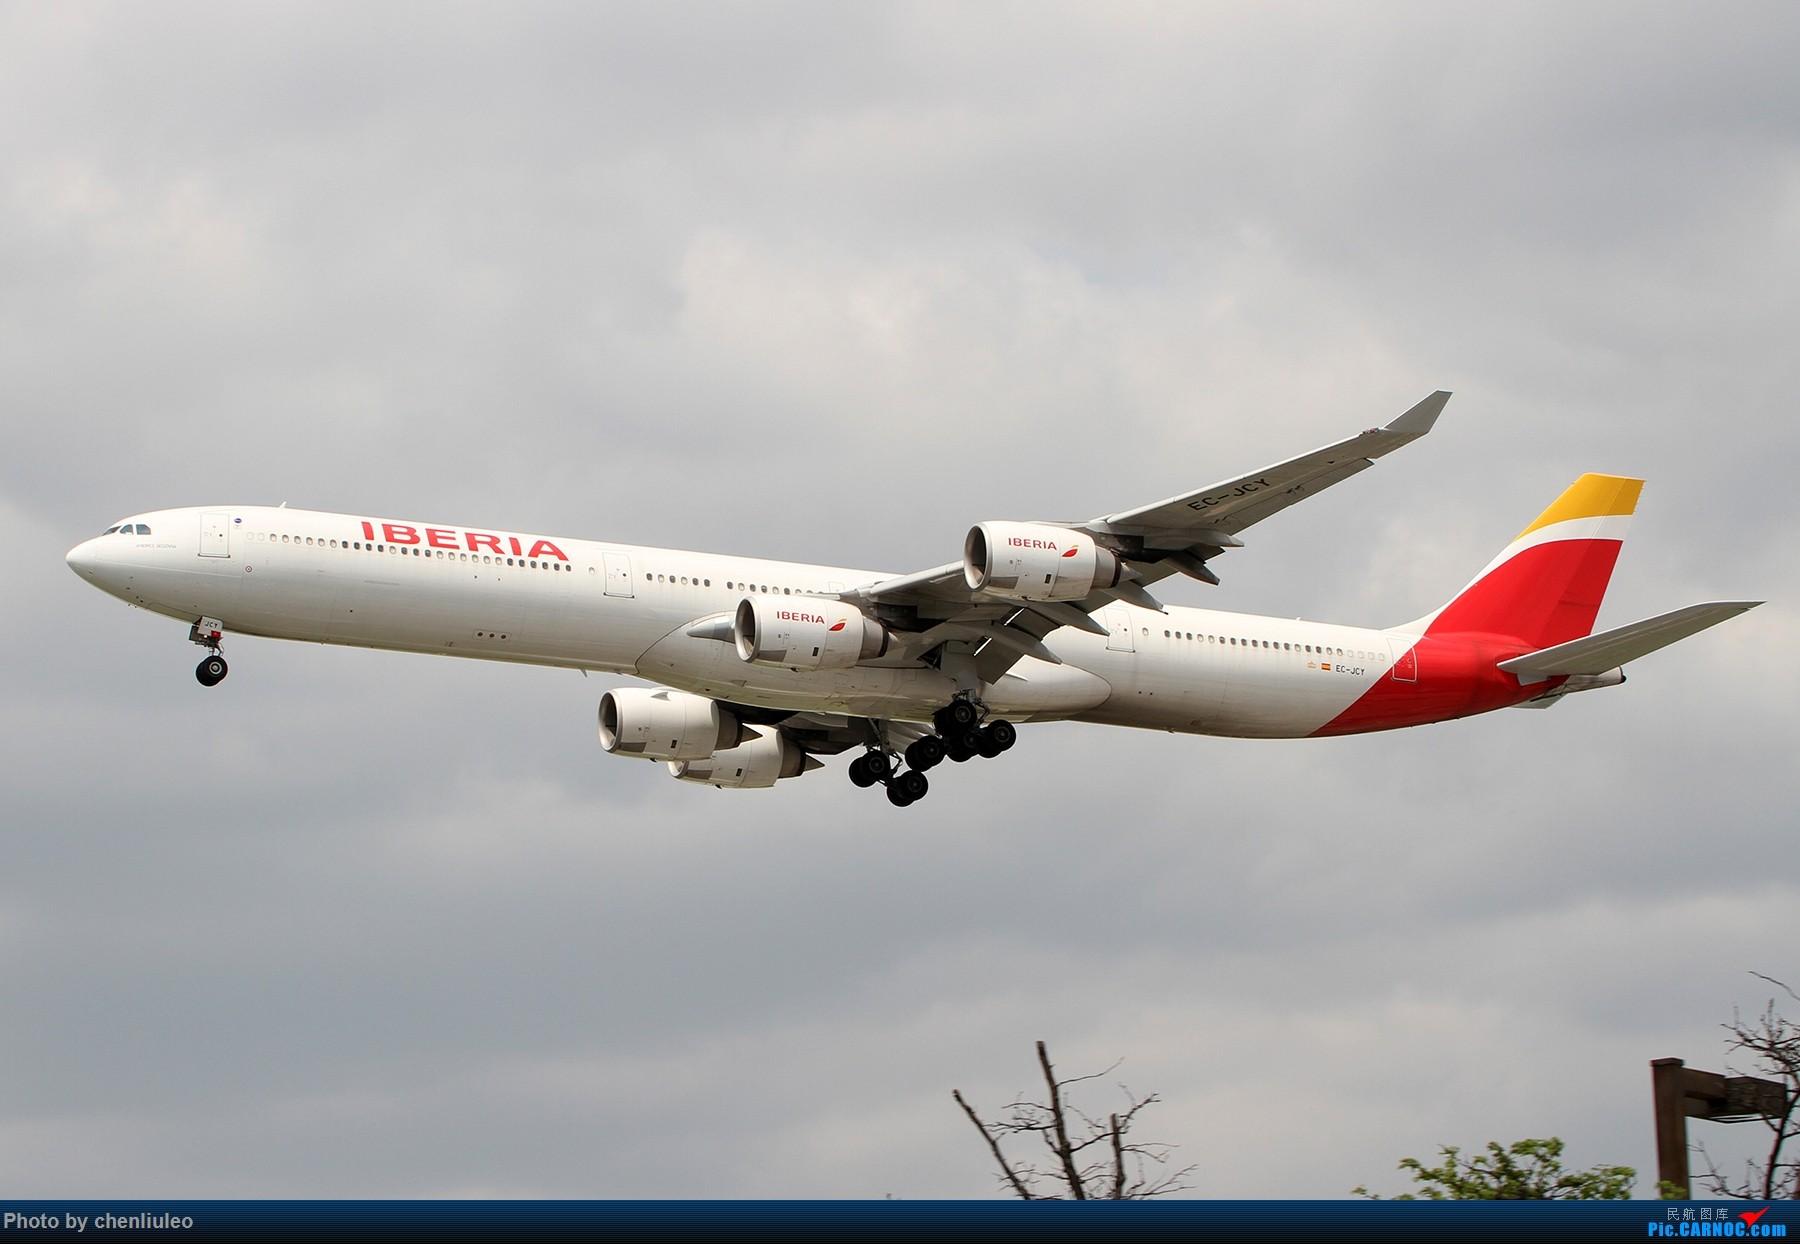 Re:[原创]【北美飞友会】芝加哥奥黑尔机场首拍 AIRBUS A340-600 EC-JCY 美国芝加哥奥黑尔国际机场